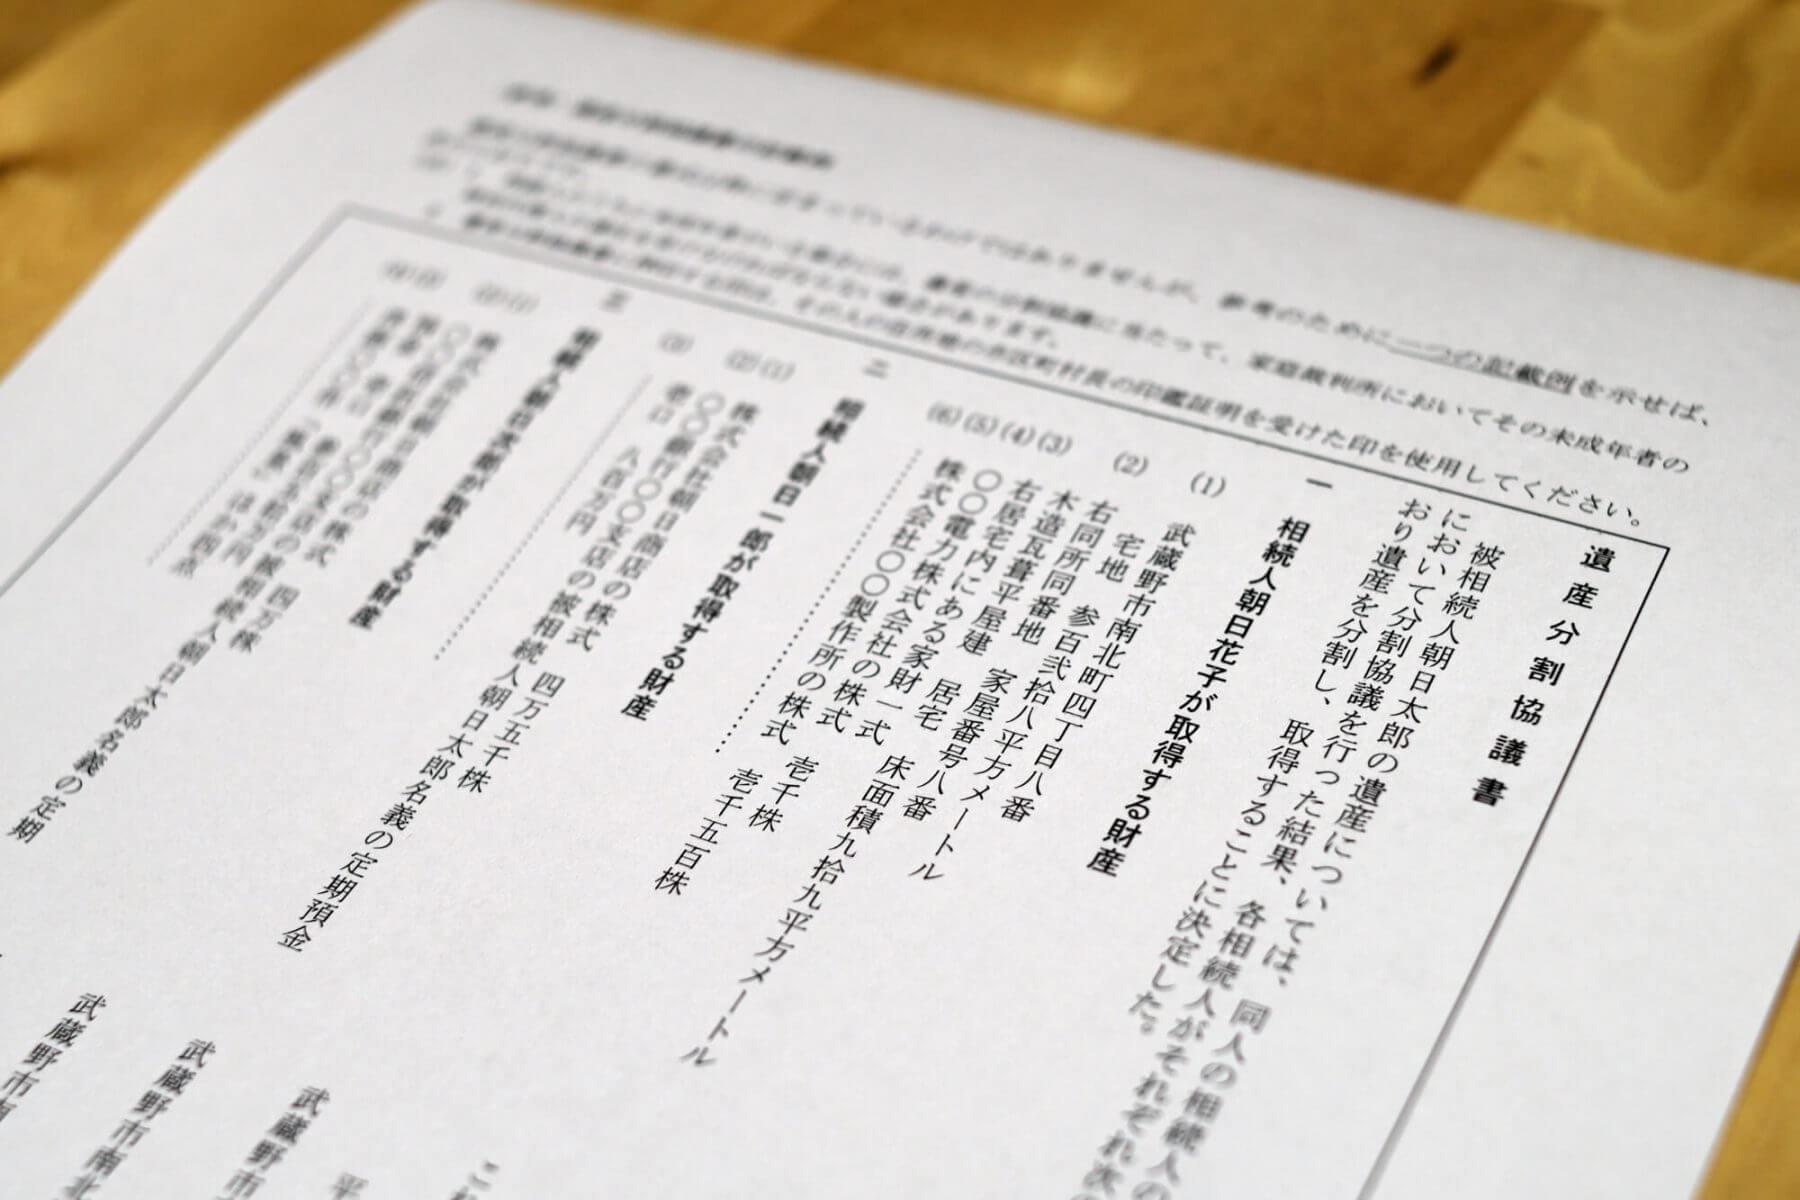 弊税理士事務所が遺産分割協議書の作成に関わらない理由